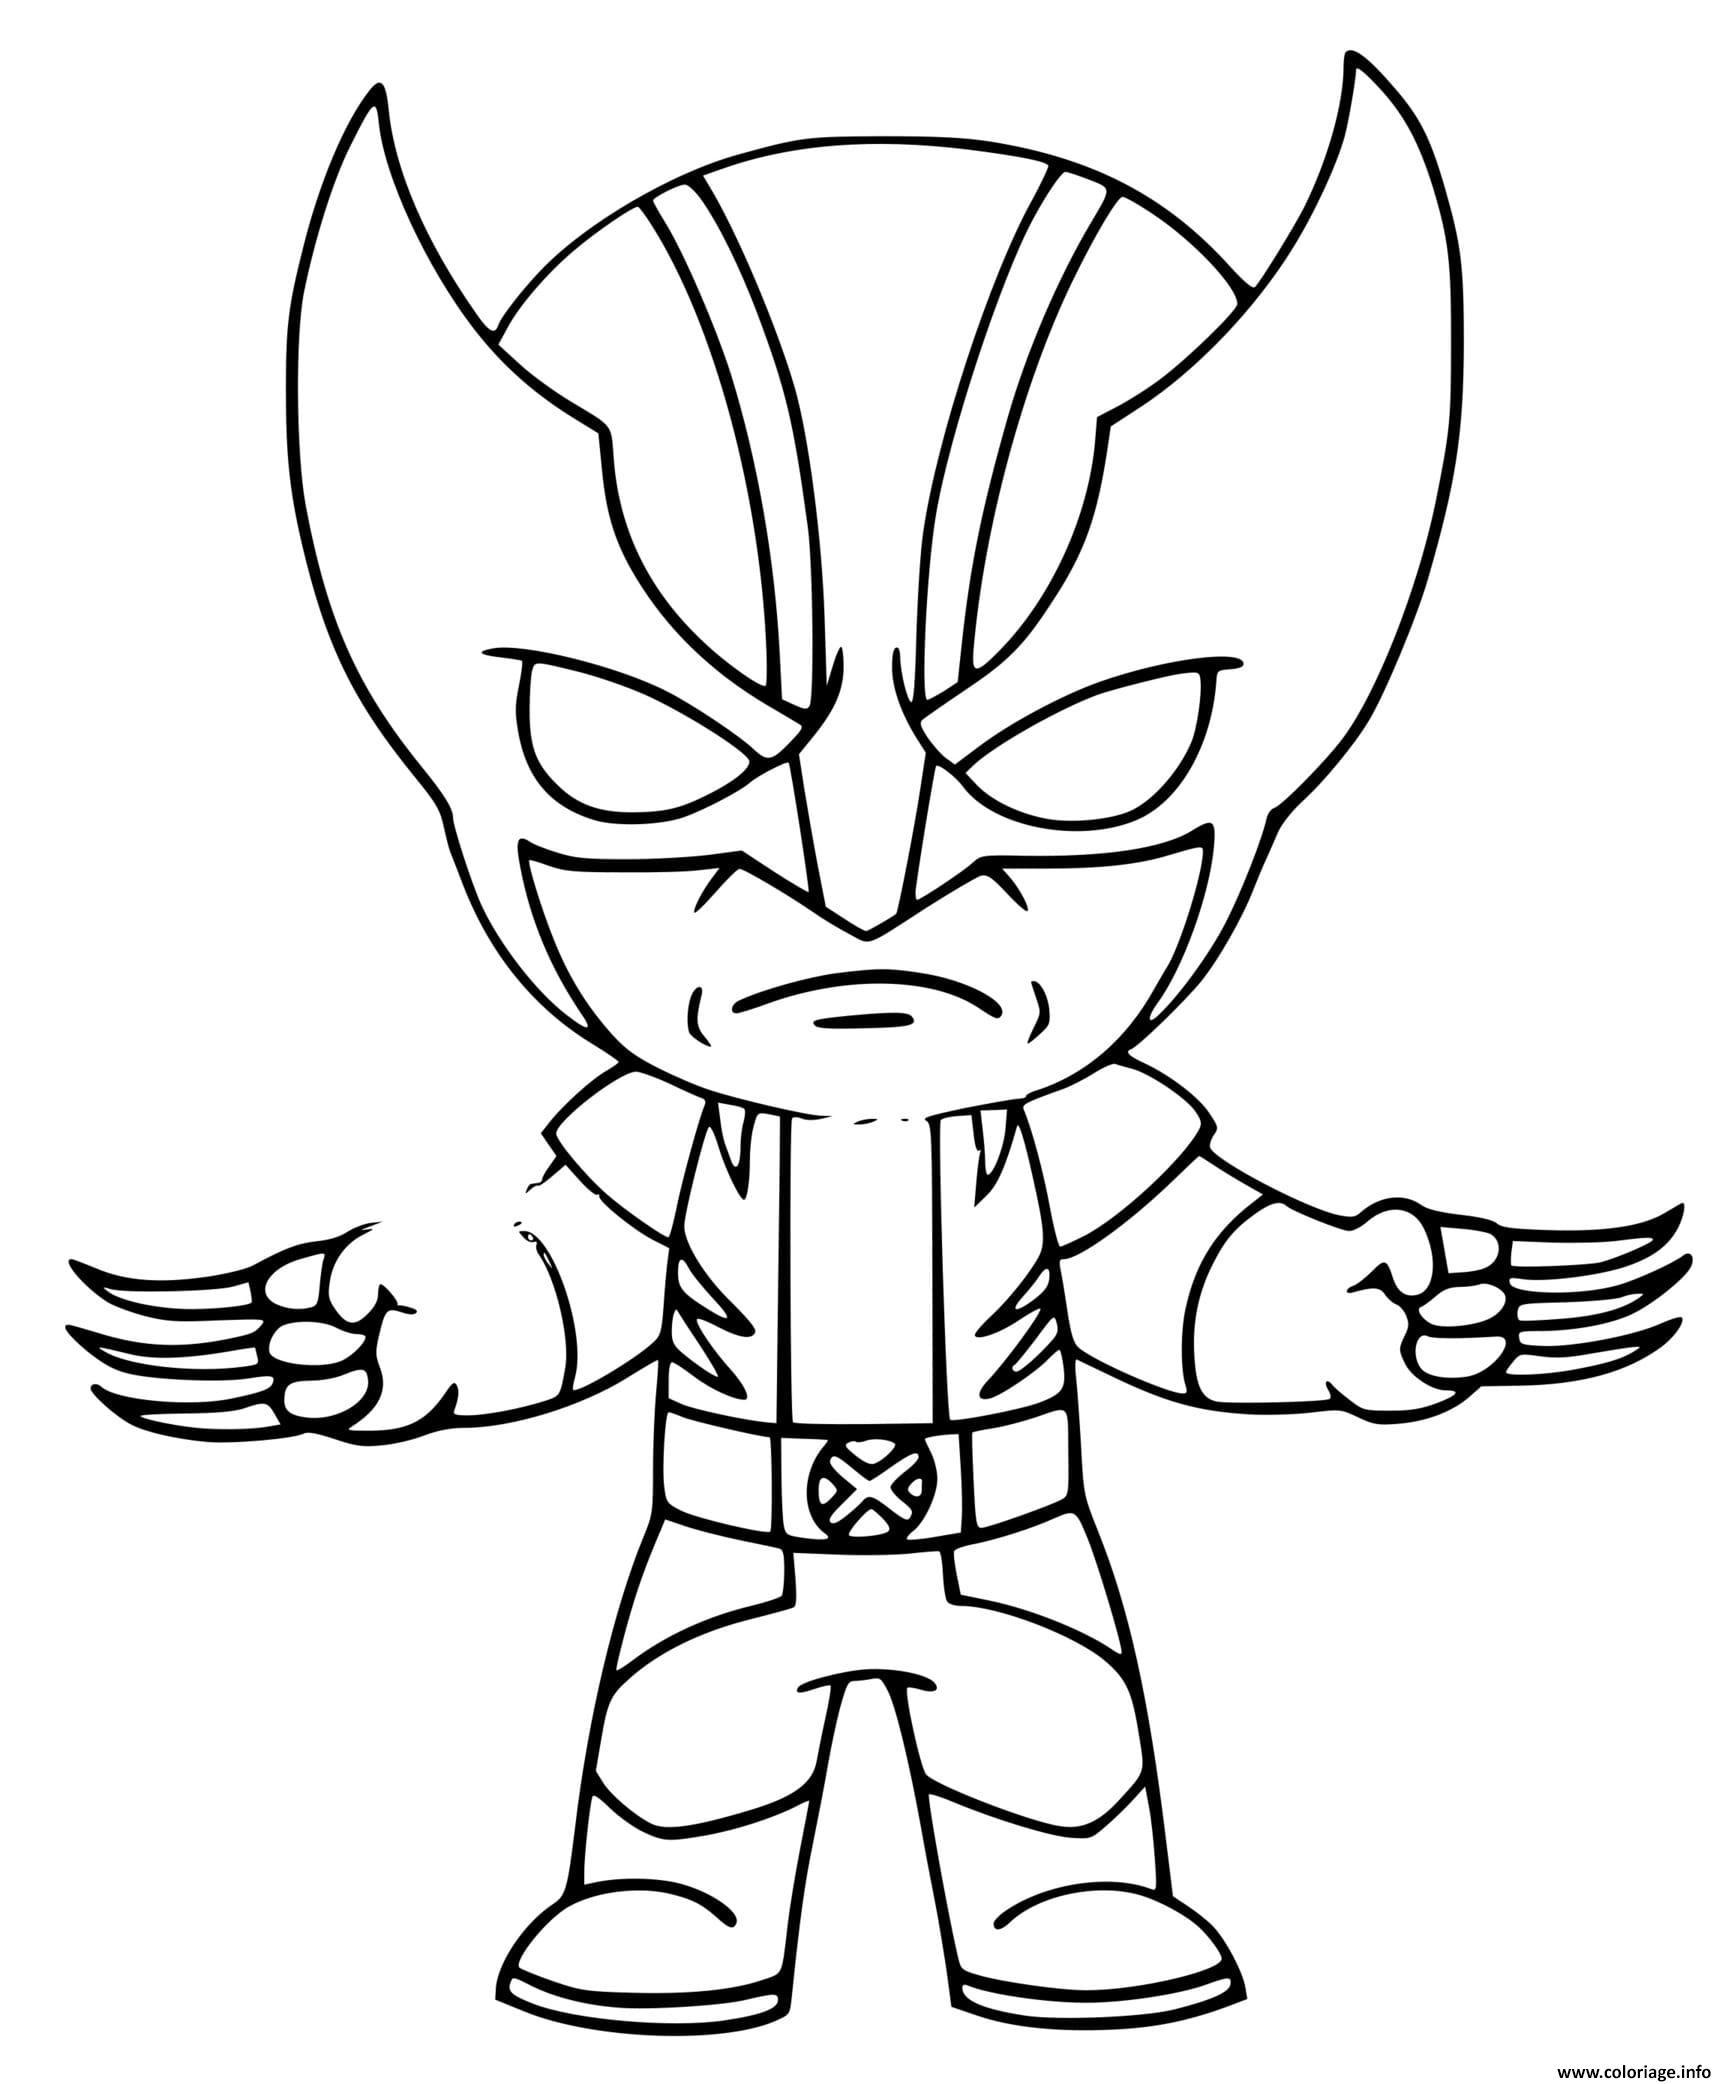 Dessin Wolverine fortnite Coloriage Gratuit à Imprimer